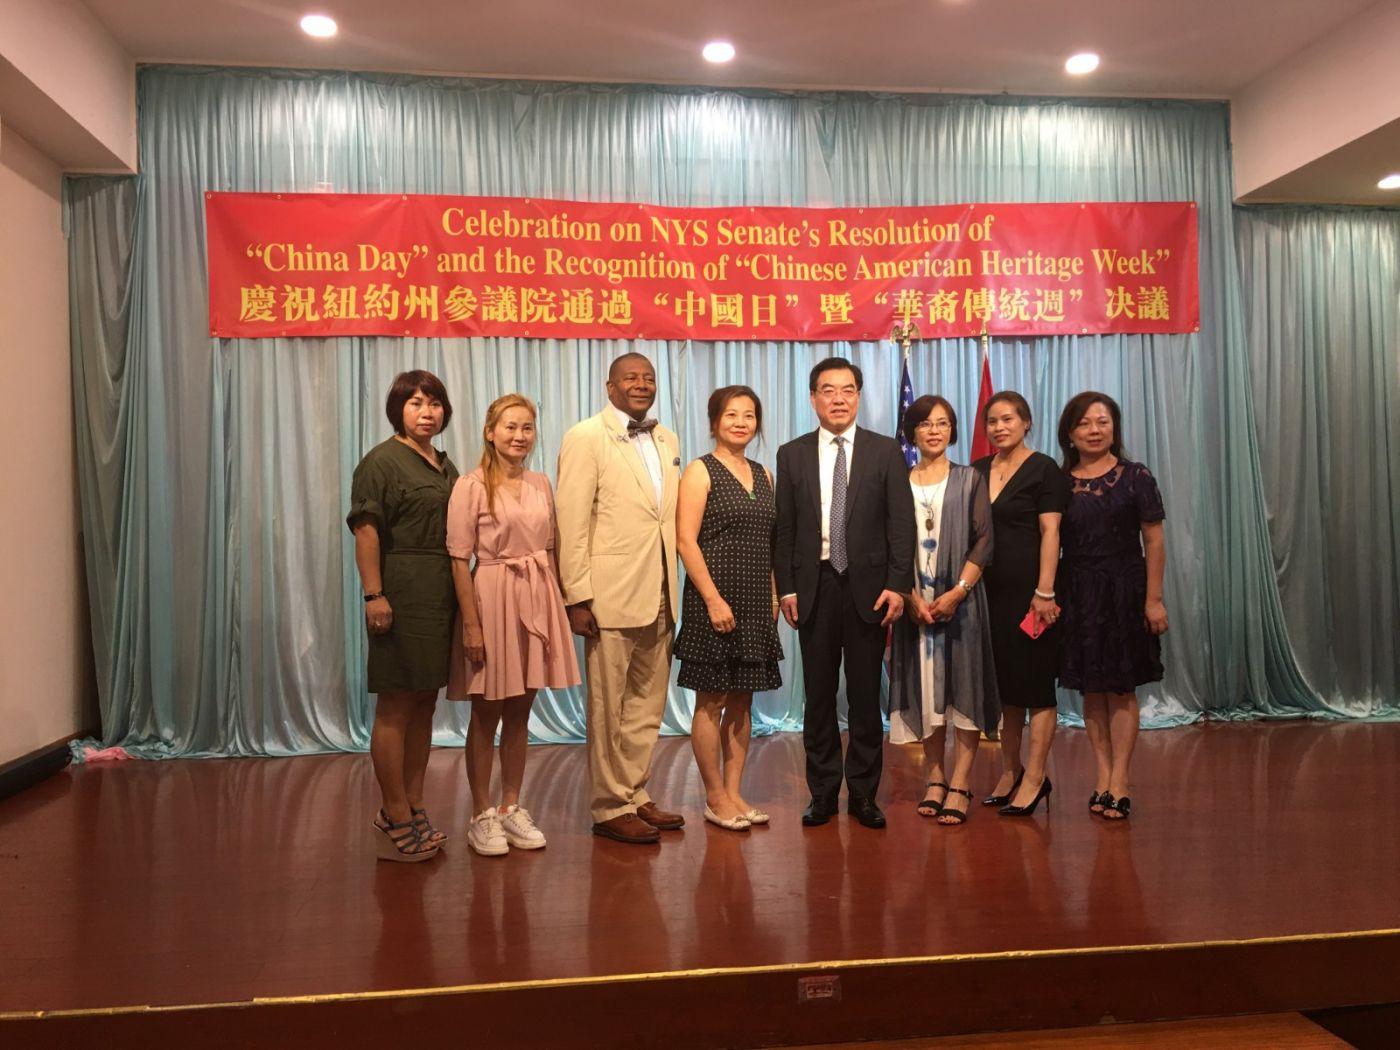 紐約州參議院通過「中國日」決議案慶祝会在紐約舉行_图1-40